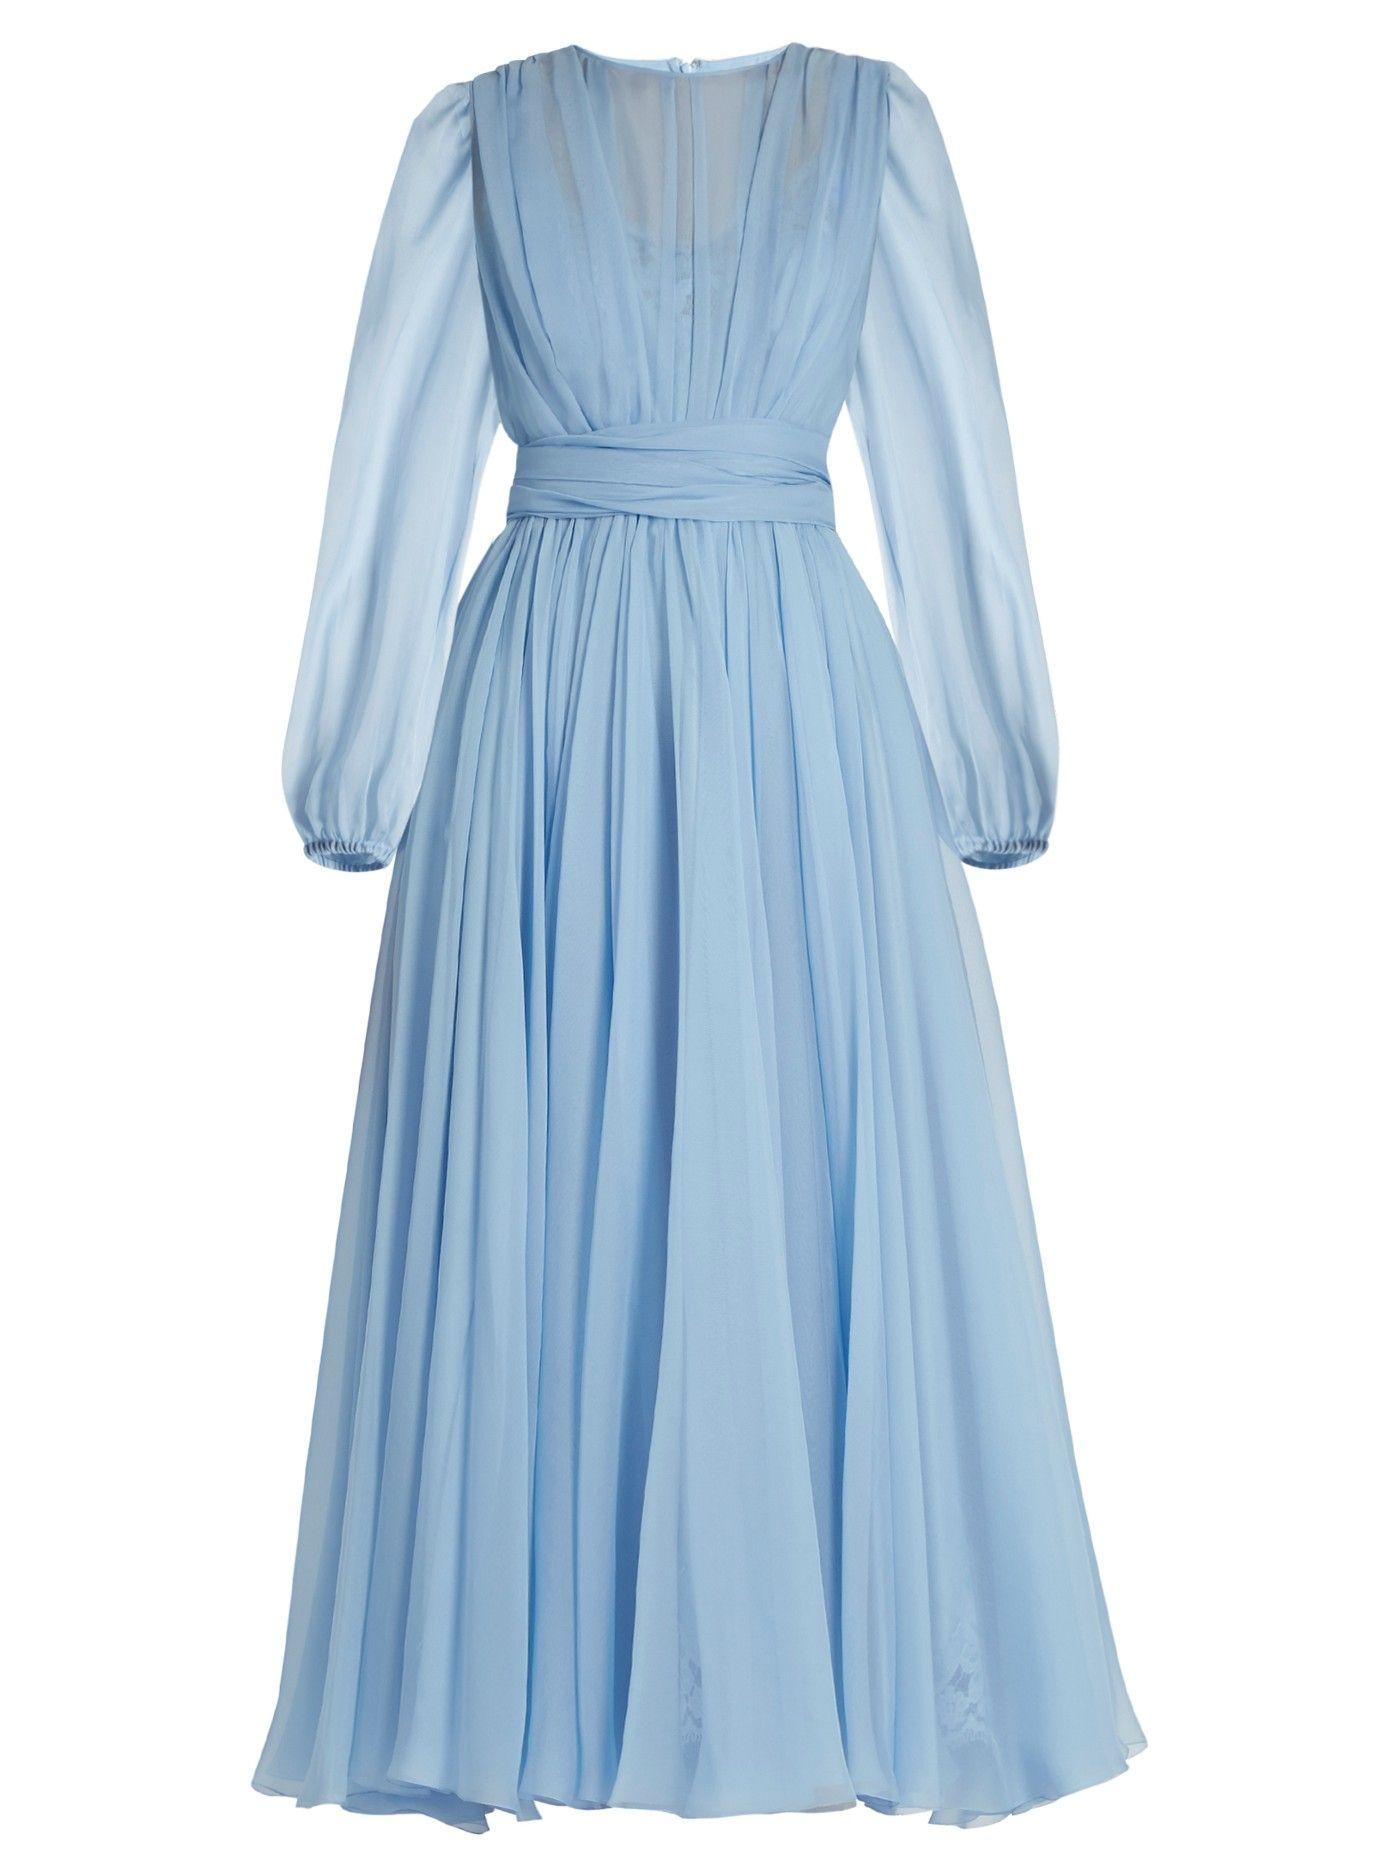 Fashion week Silk blue chiffon dress for lady